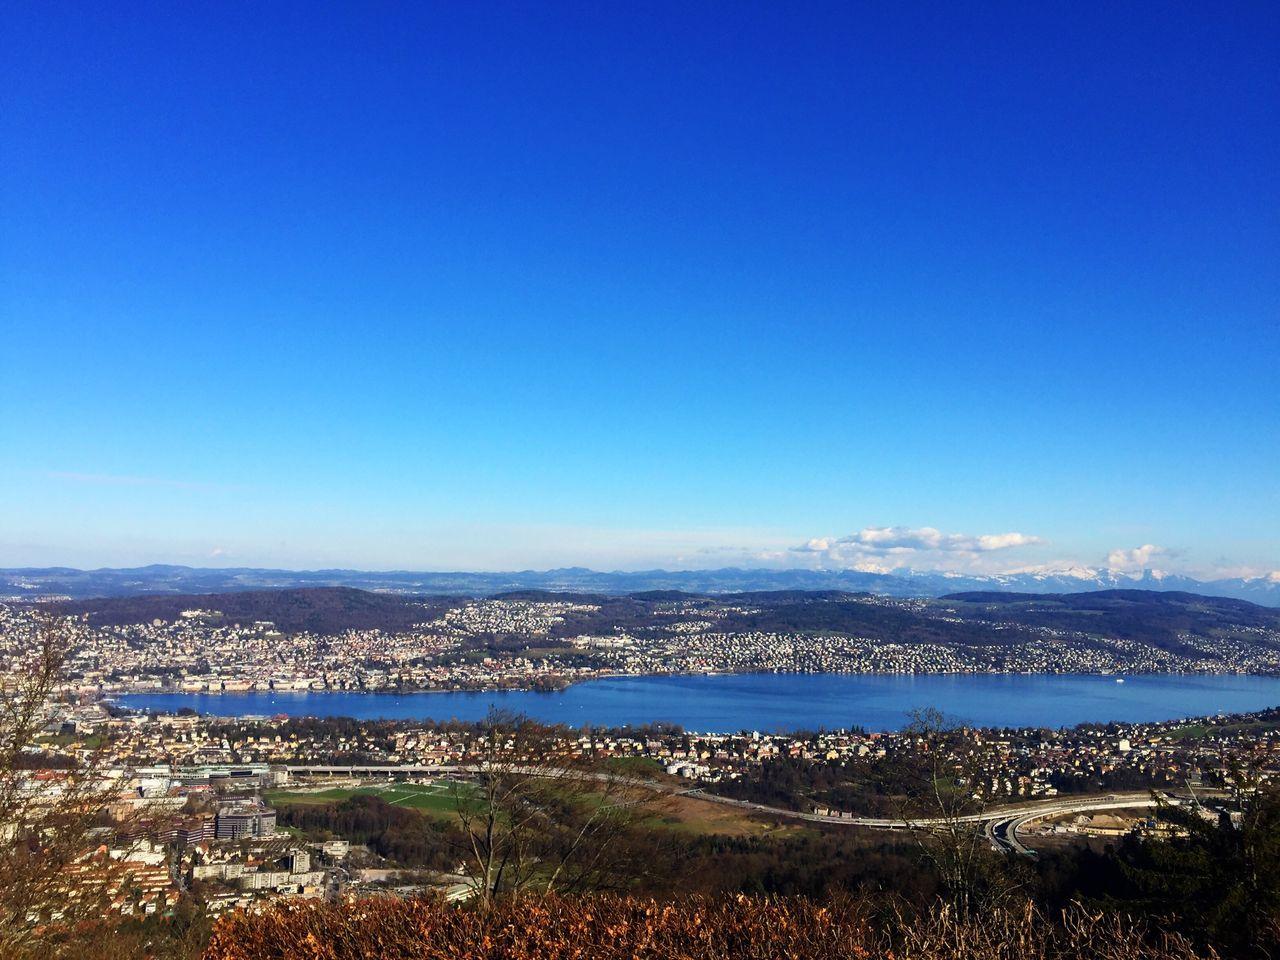 Zürich Zürichsee Zurich, Switzerland Switzerland Europe Lake Lake View Landscape üetliberg First Eyeem Photo